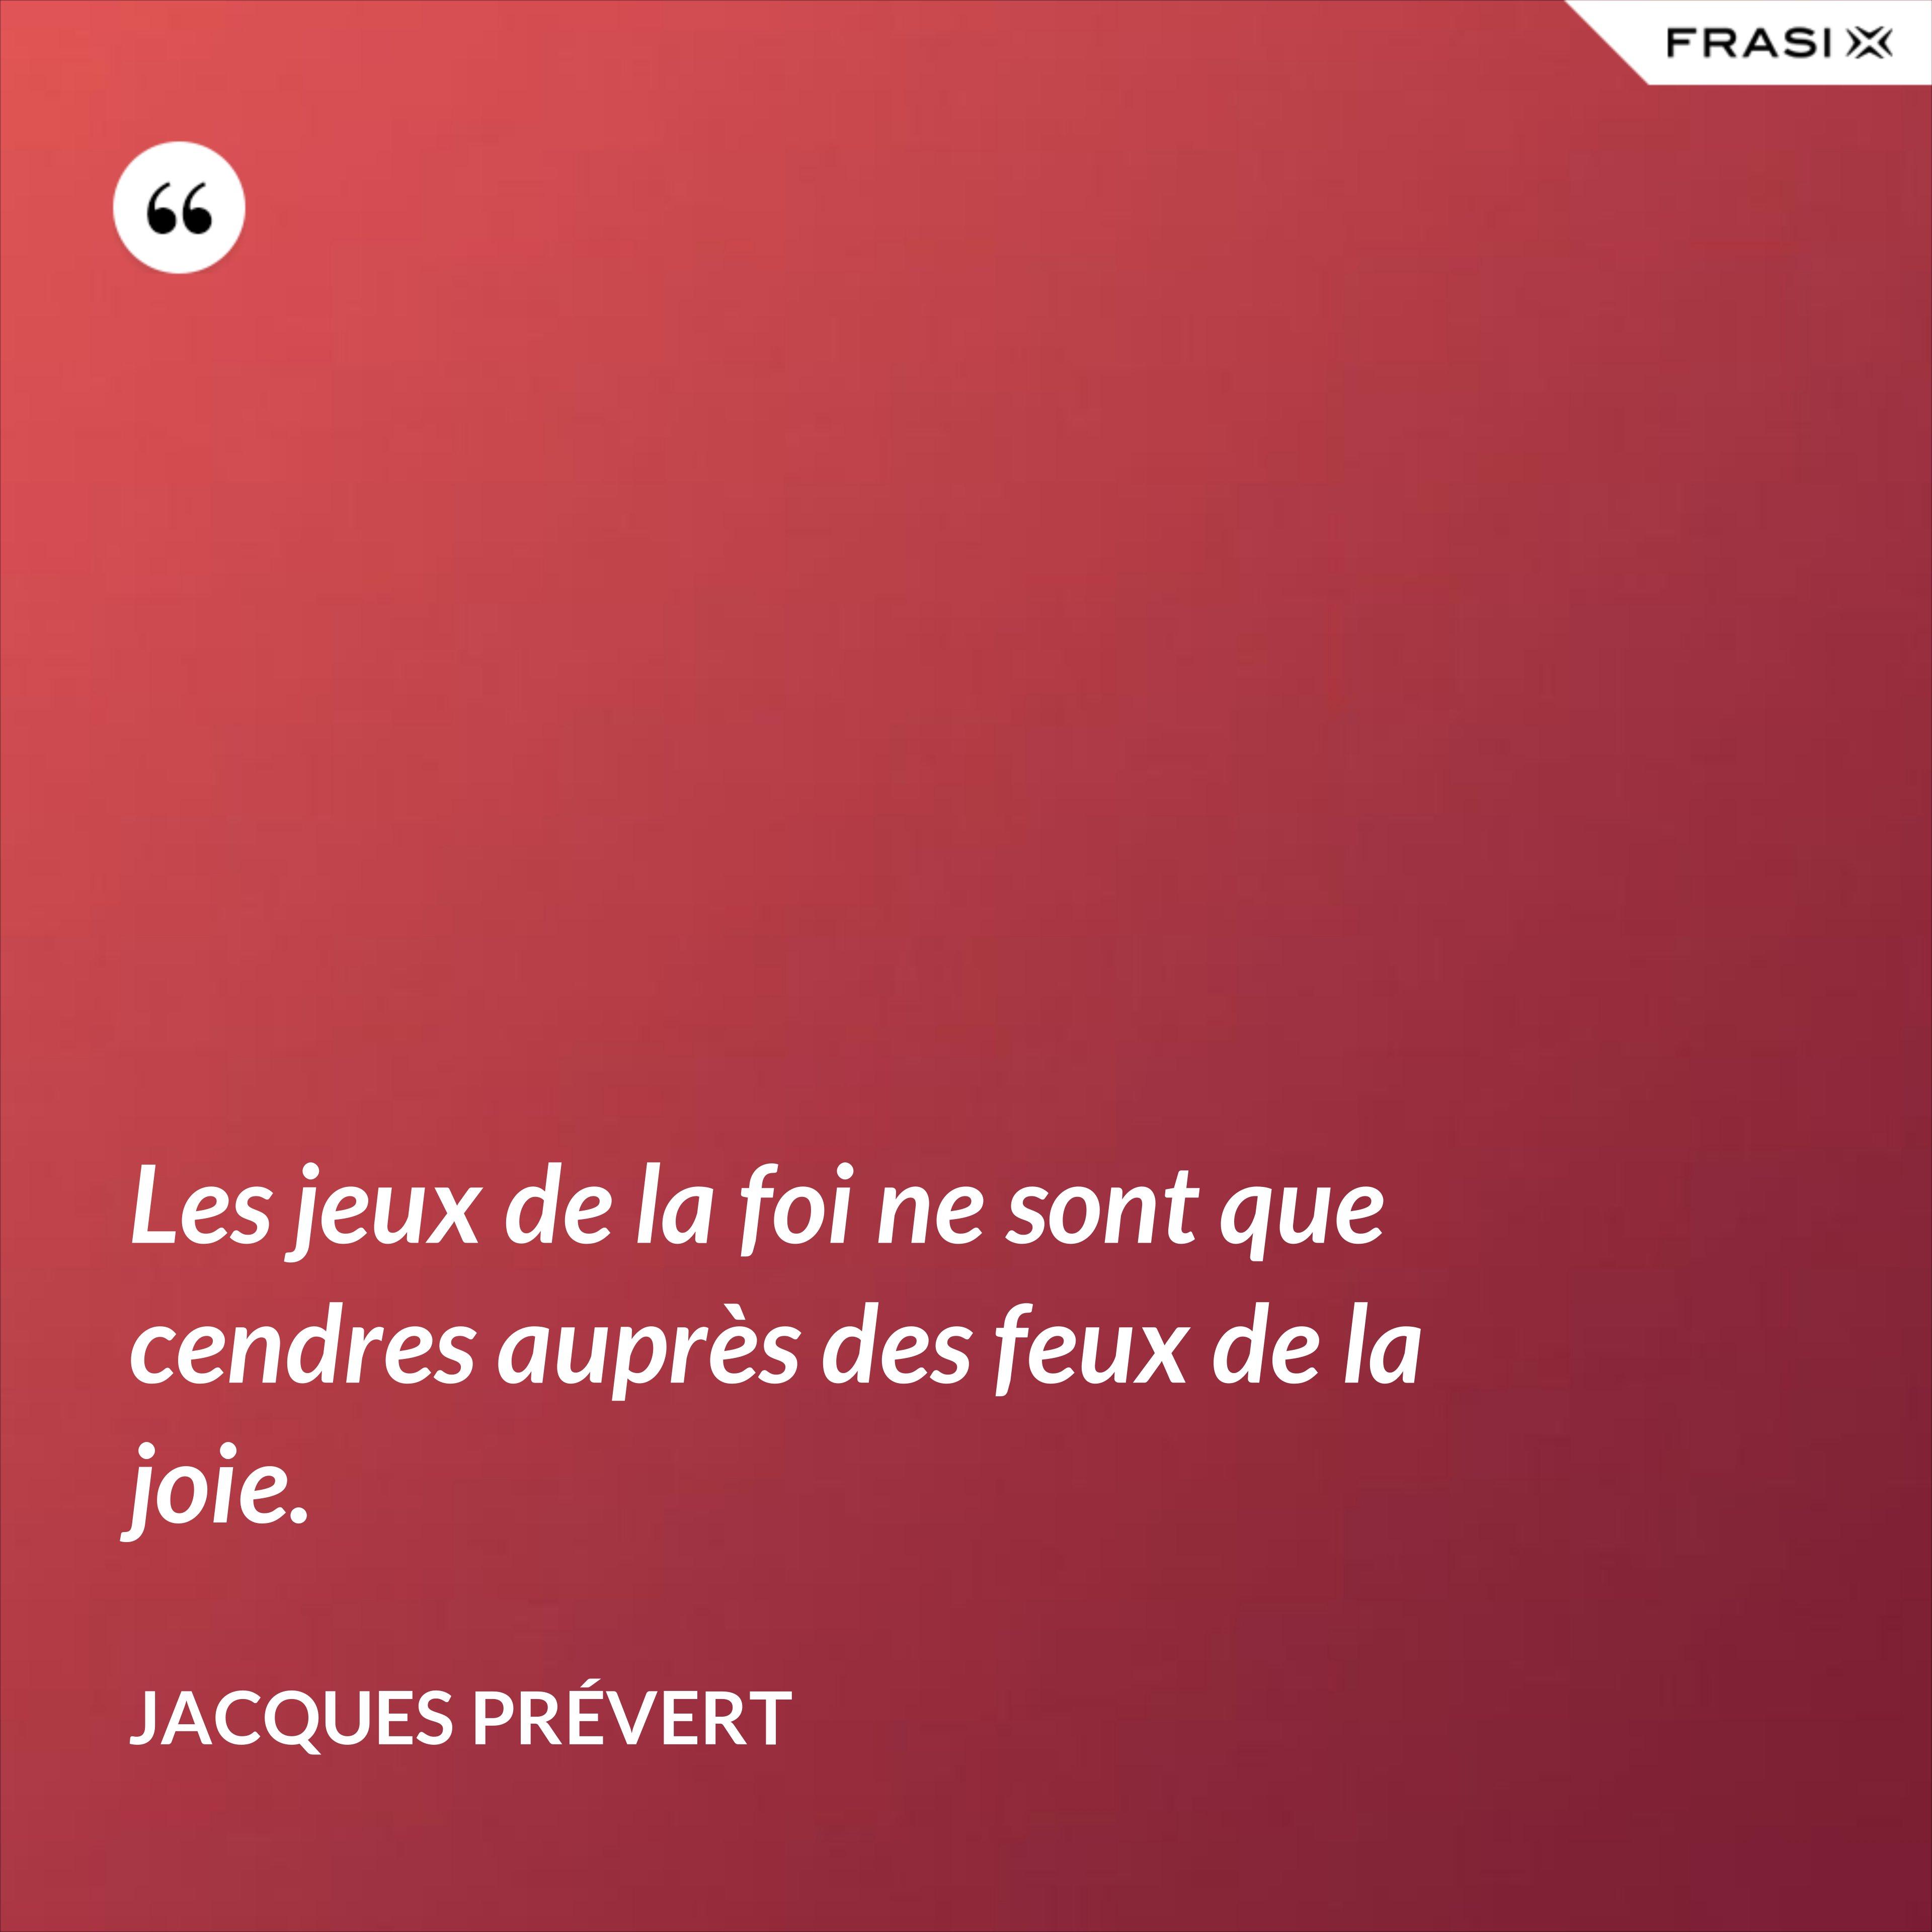 Les jeux de la foi ne sont que cendres auprès des feux de la joie. - Jacques Prévert